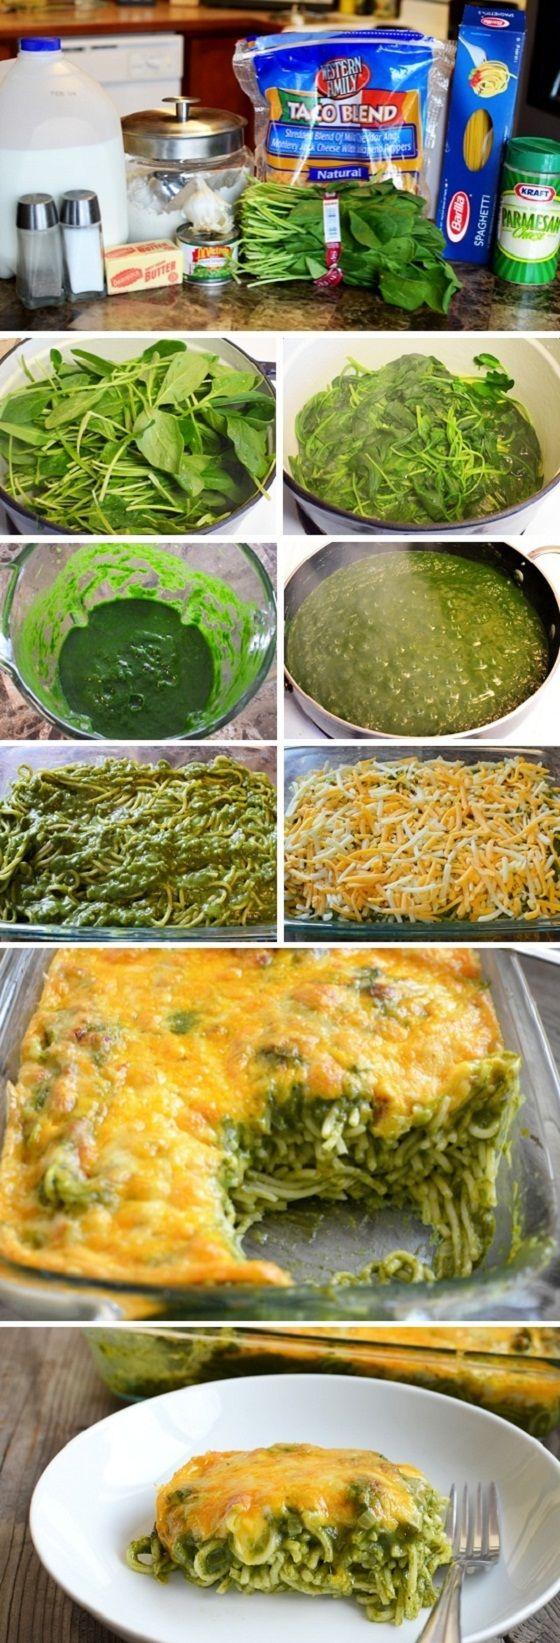 Cheesy Spinach Pasta Bake